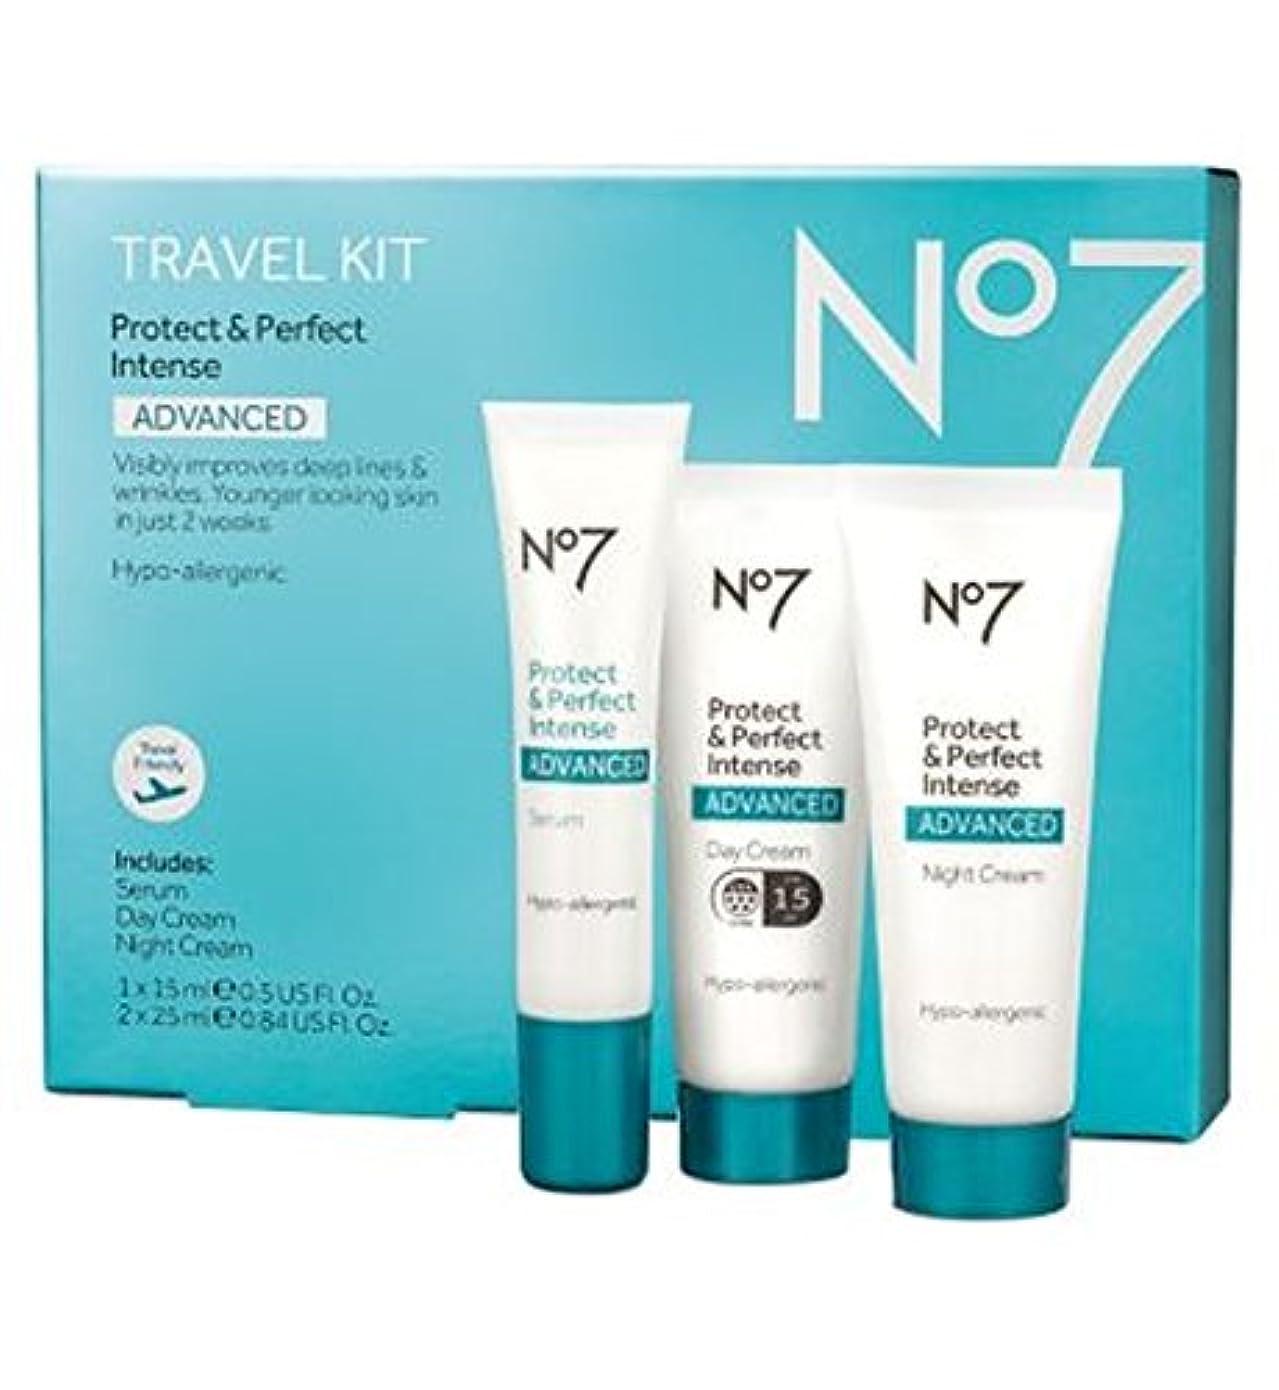 覚醒消すあえてNo7 Protect & Perfect Intense ADVANCED Travel Kit - No7保護&完璧な強烈な高度な旅行キット (No7) [並行輸入品]